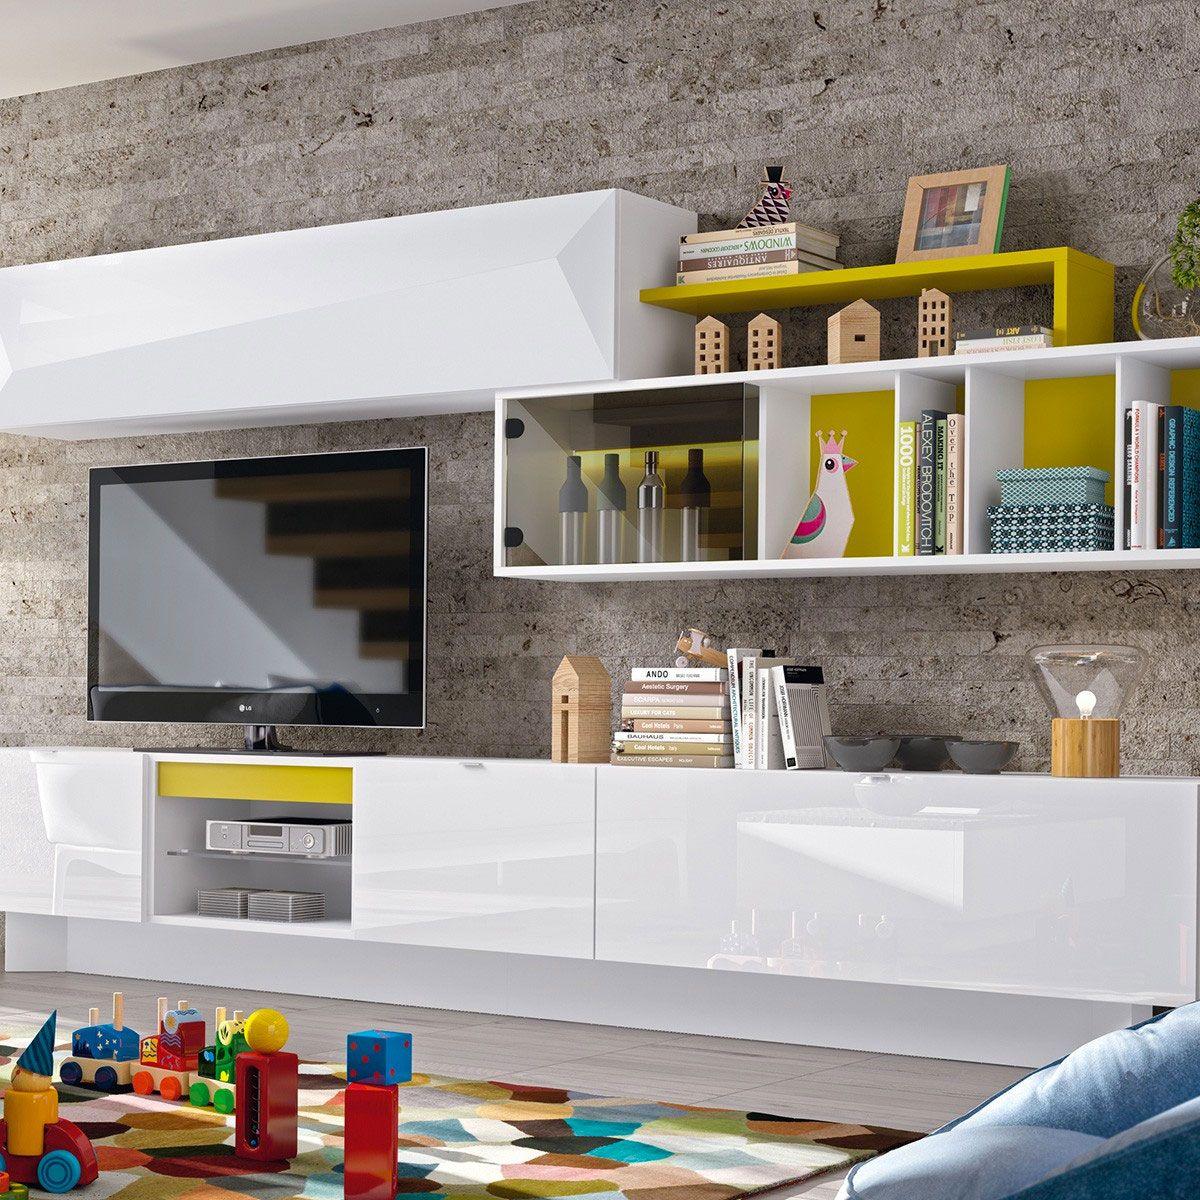 47 Id Es D Co De Meuble Tv Meuble Tv Mural Tv Murale Et L Ment Bas # Meubles Bas Bibliotheque Salon